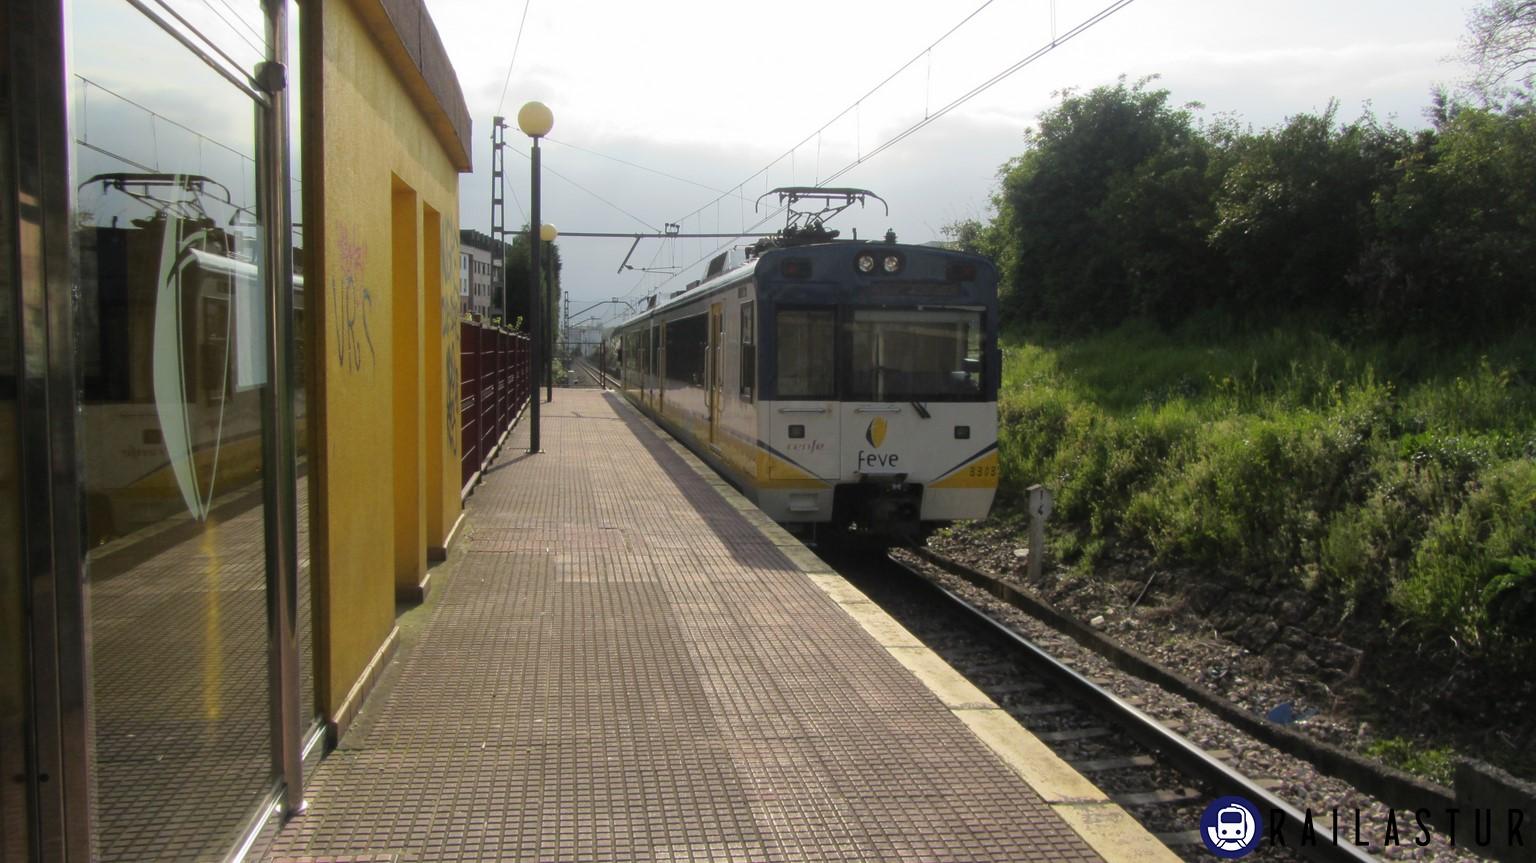 Cercanías Feve en La Argañosa (2013)